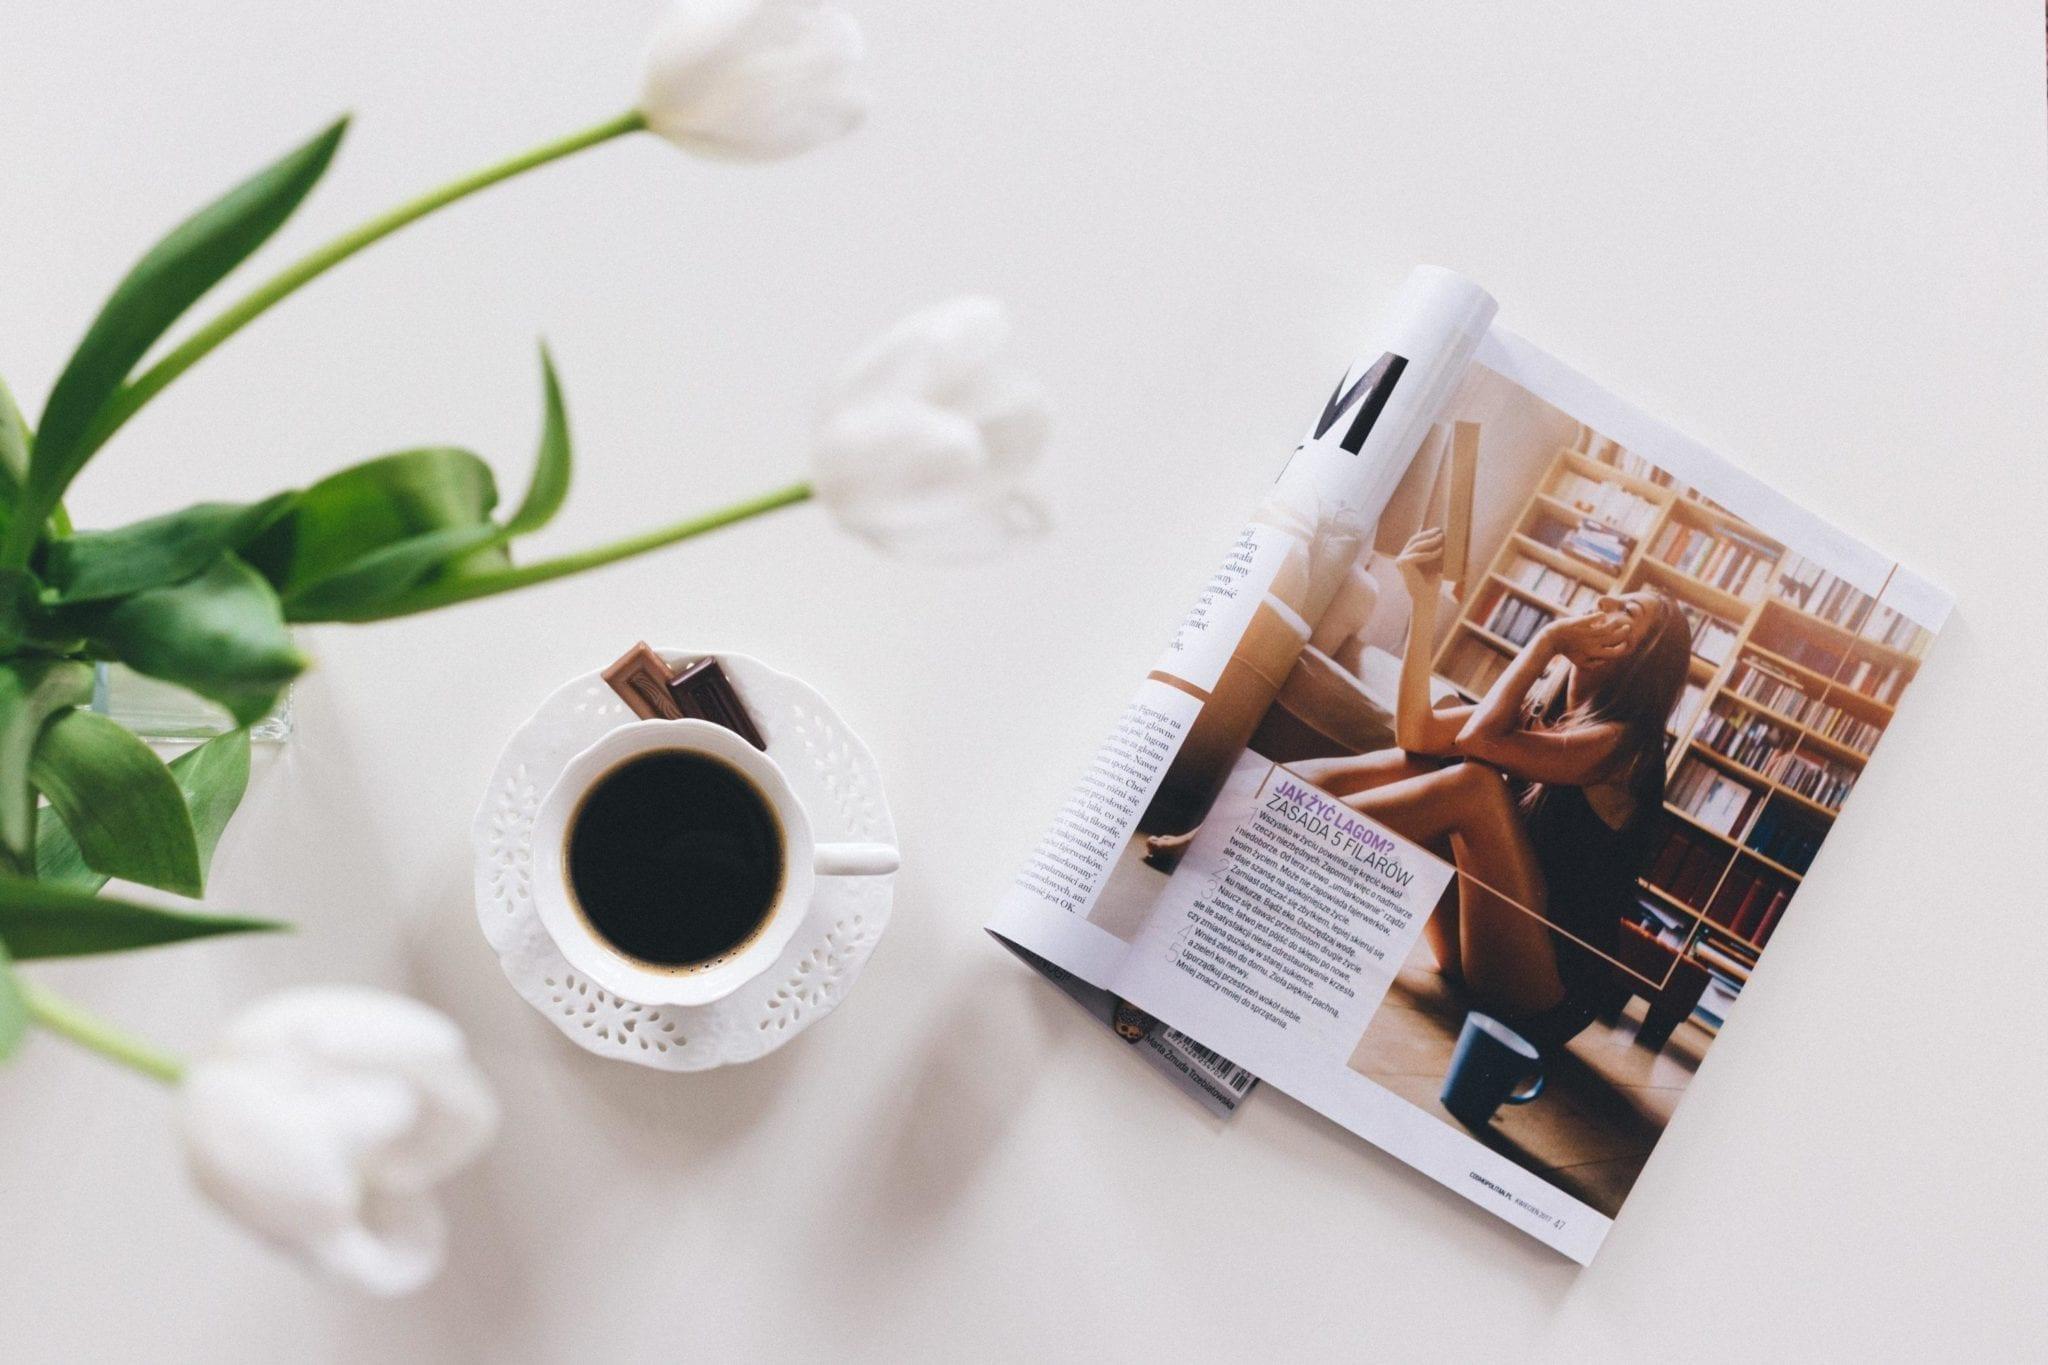 Event-Magazine als Event-Marketingmaterial